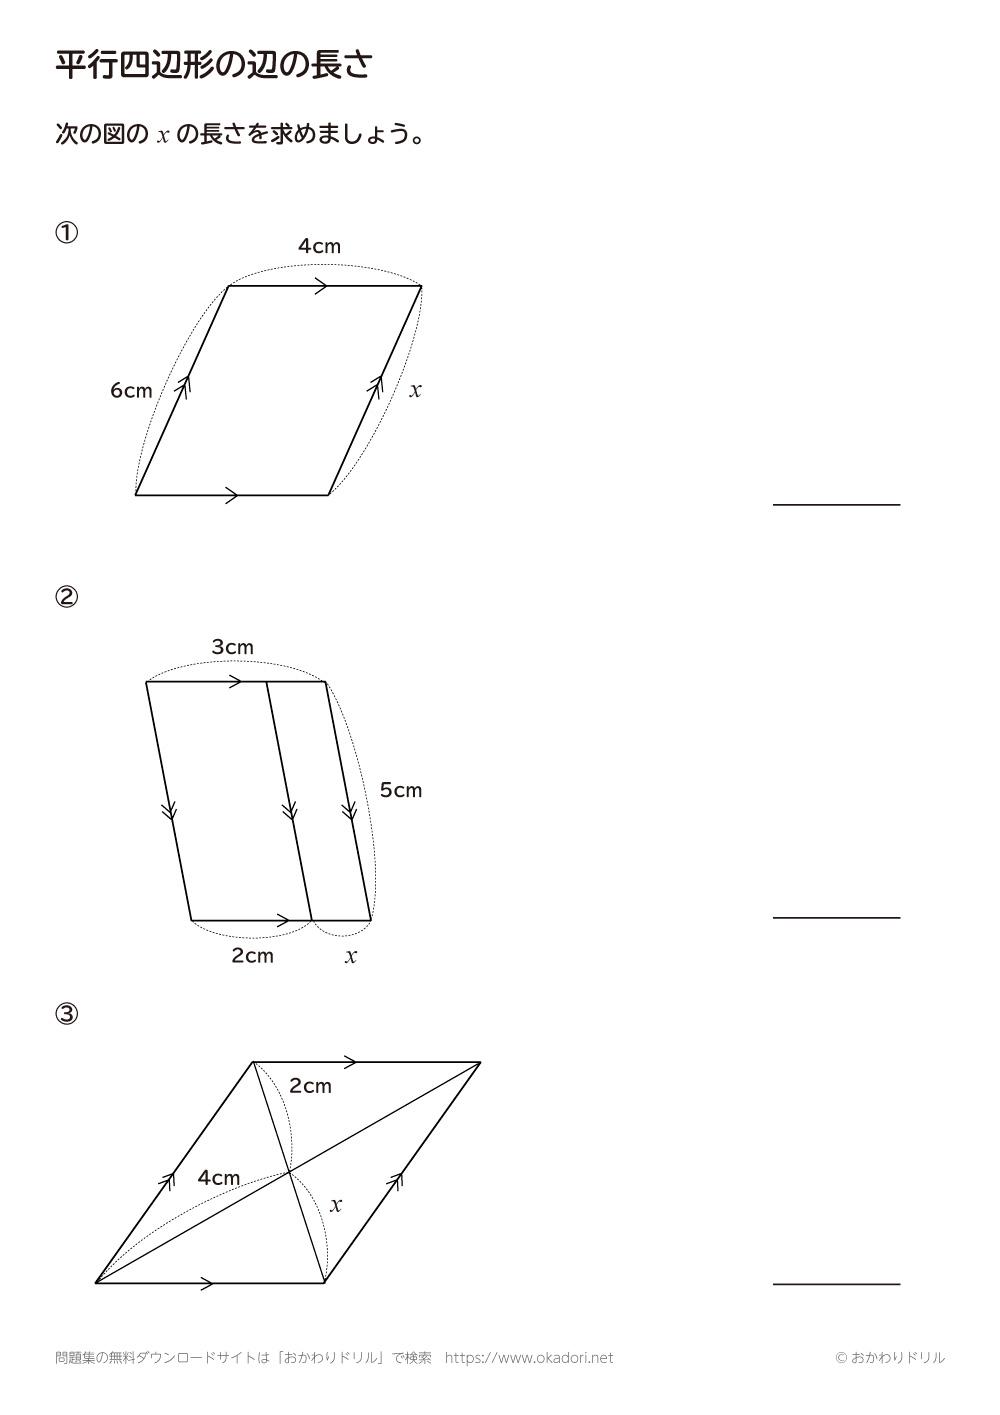 平行四辺形の辺の長さを求める問題と答え1